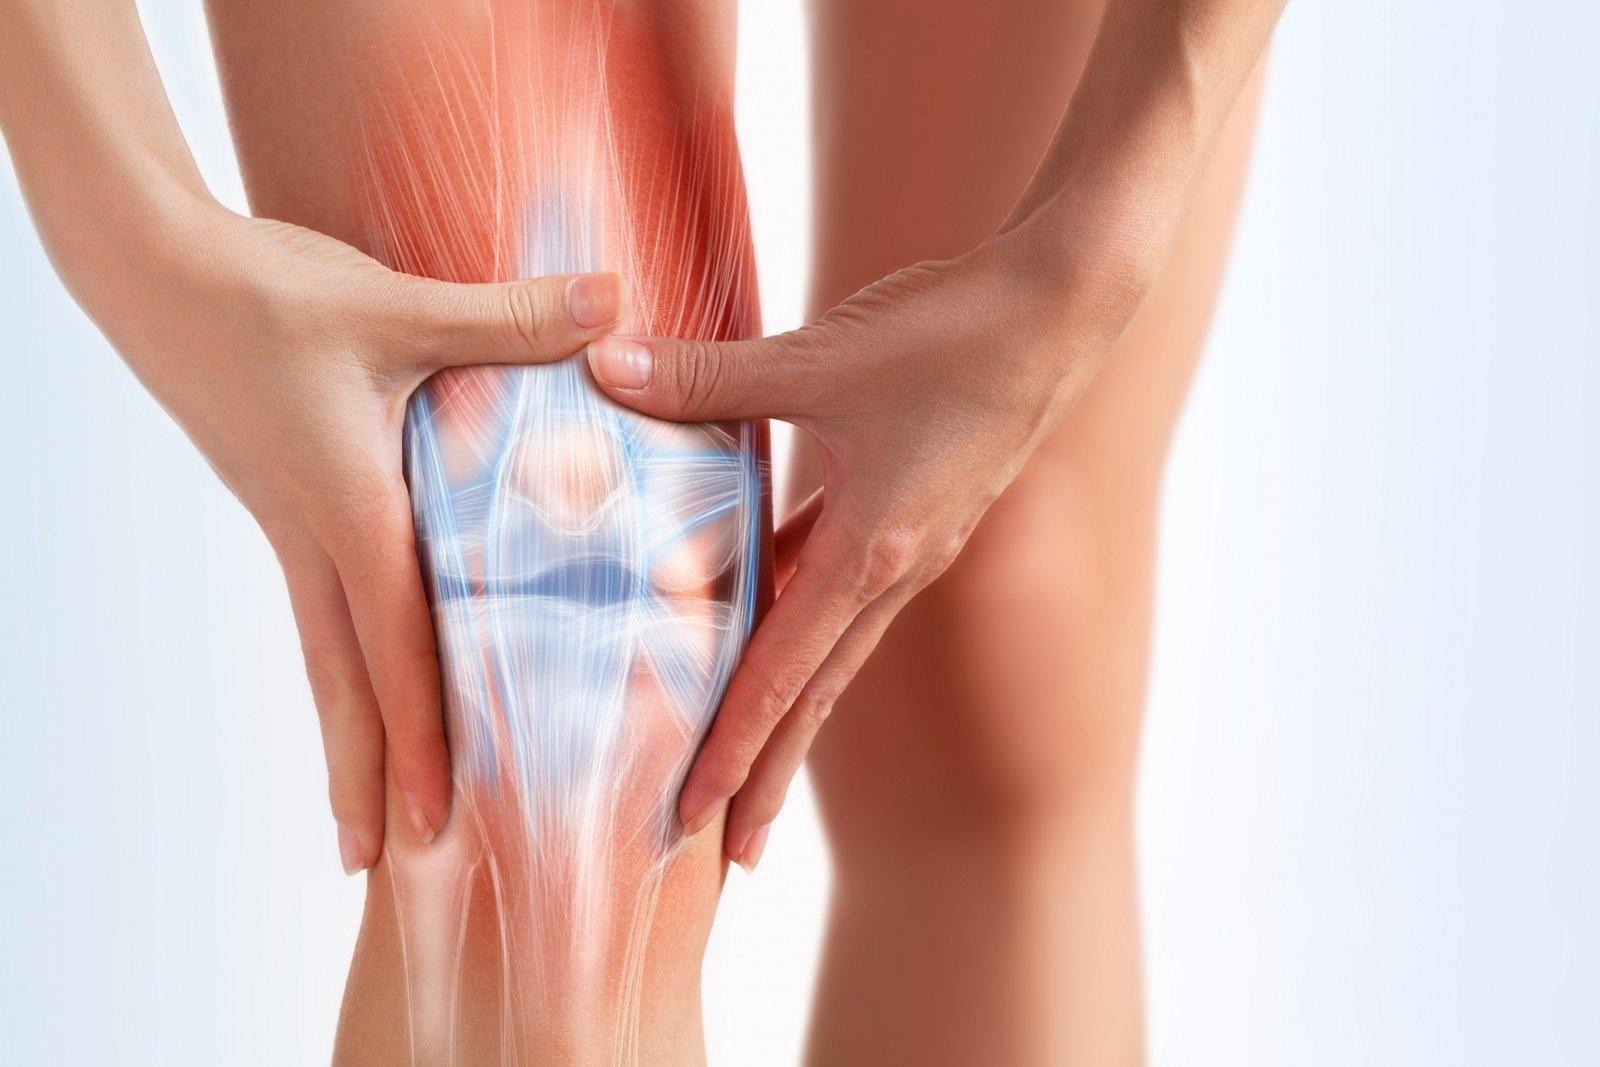 gero už sąnarių gydymo mazi skausmui gydyti sąnarių ir raumenų